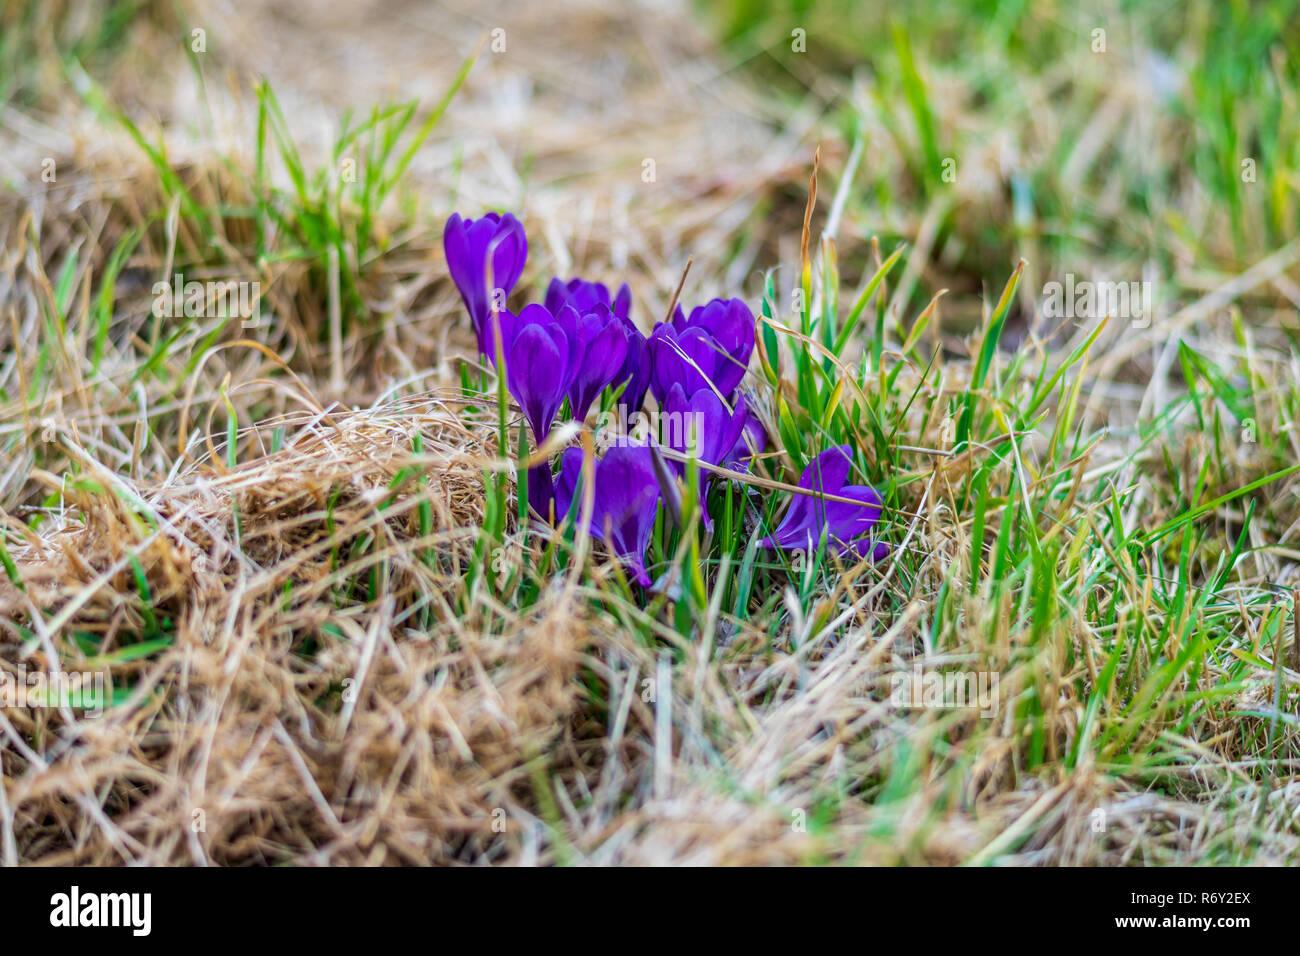 die ersten fr hlingsblumen krokusse crocus sativus auf einer wiese stockfoto bild 228017410. Black Bedroom Furniture Sets. Home Design Ideas